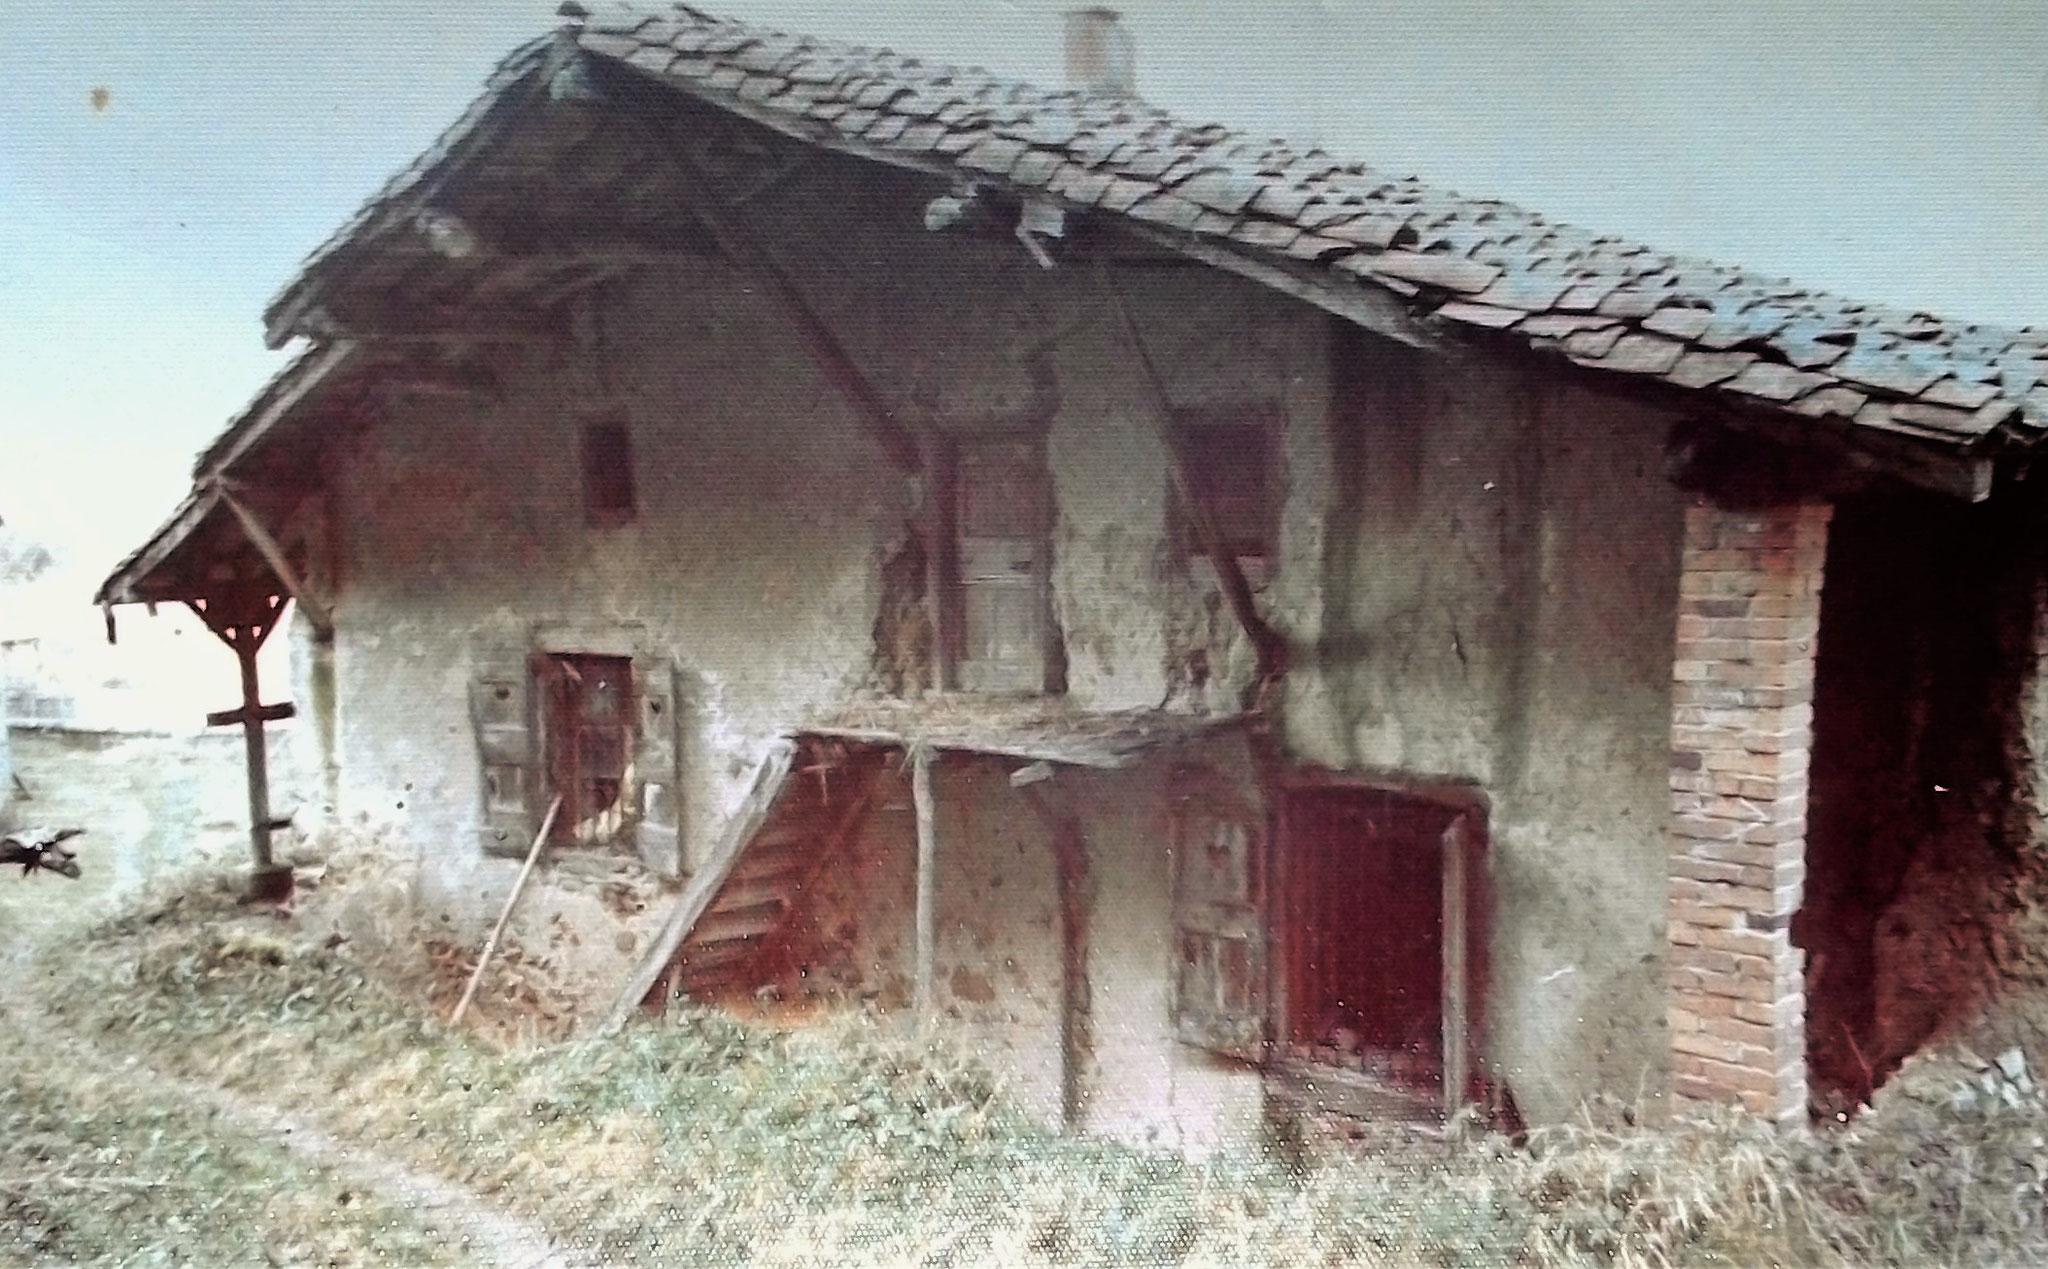 Moulin existant au XIVe s. La Rivière. Aujourd'hui disparu